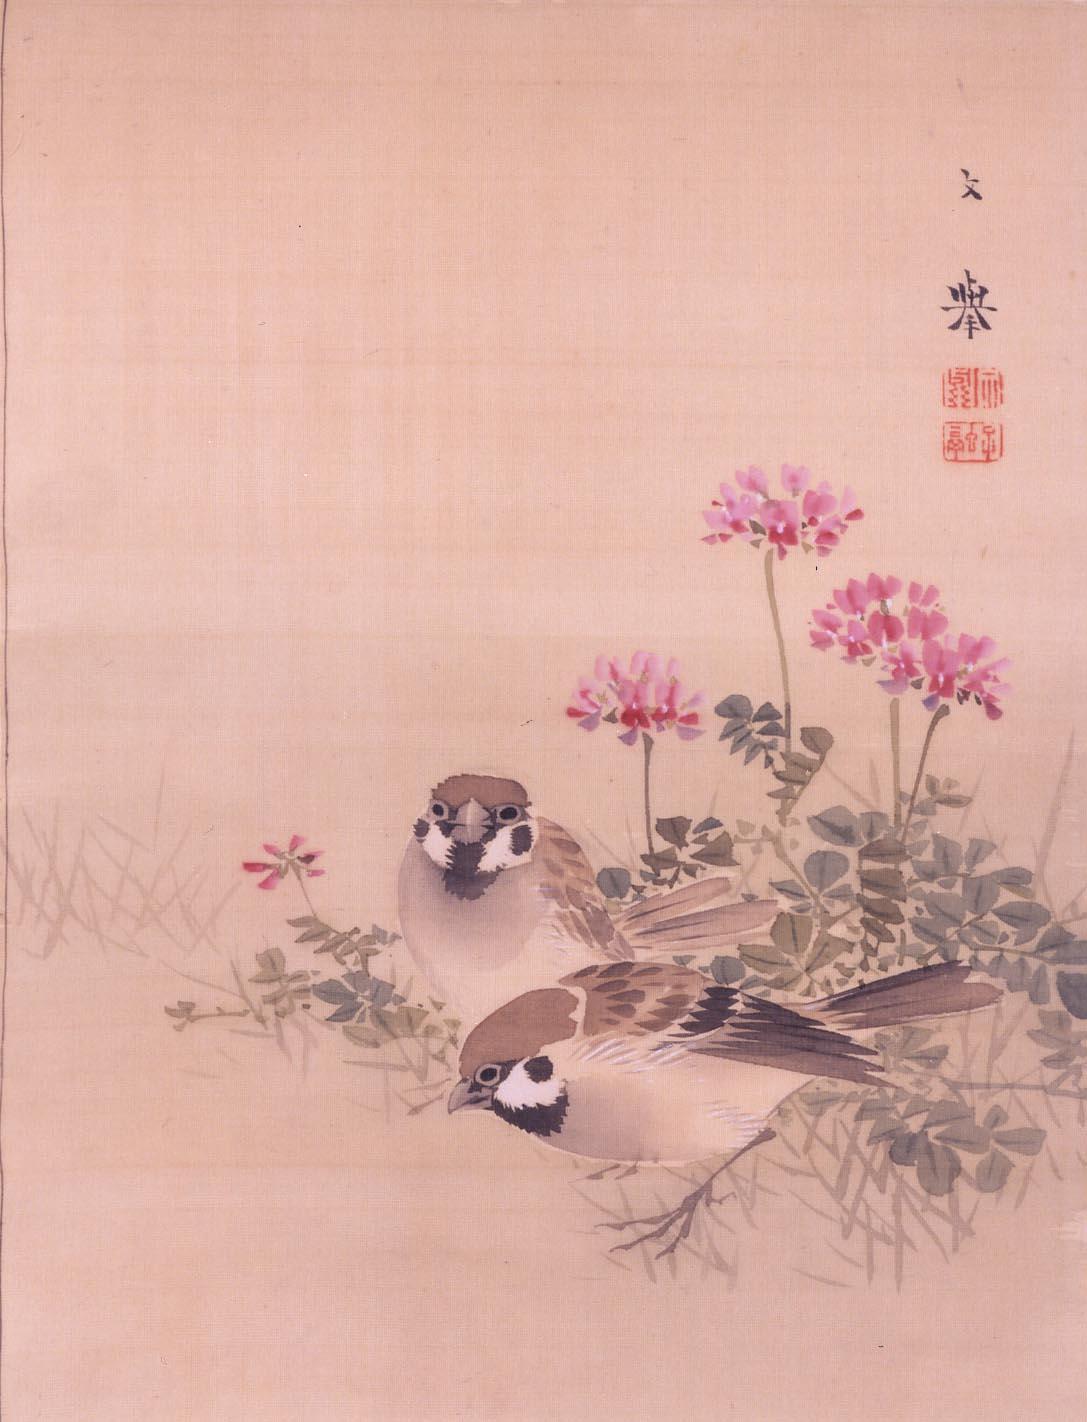 野村文挙「レンゲ草に雀」